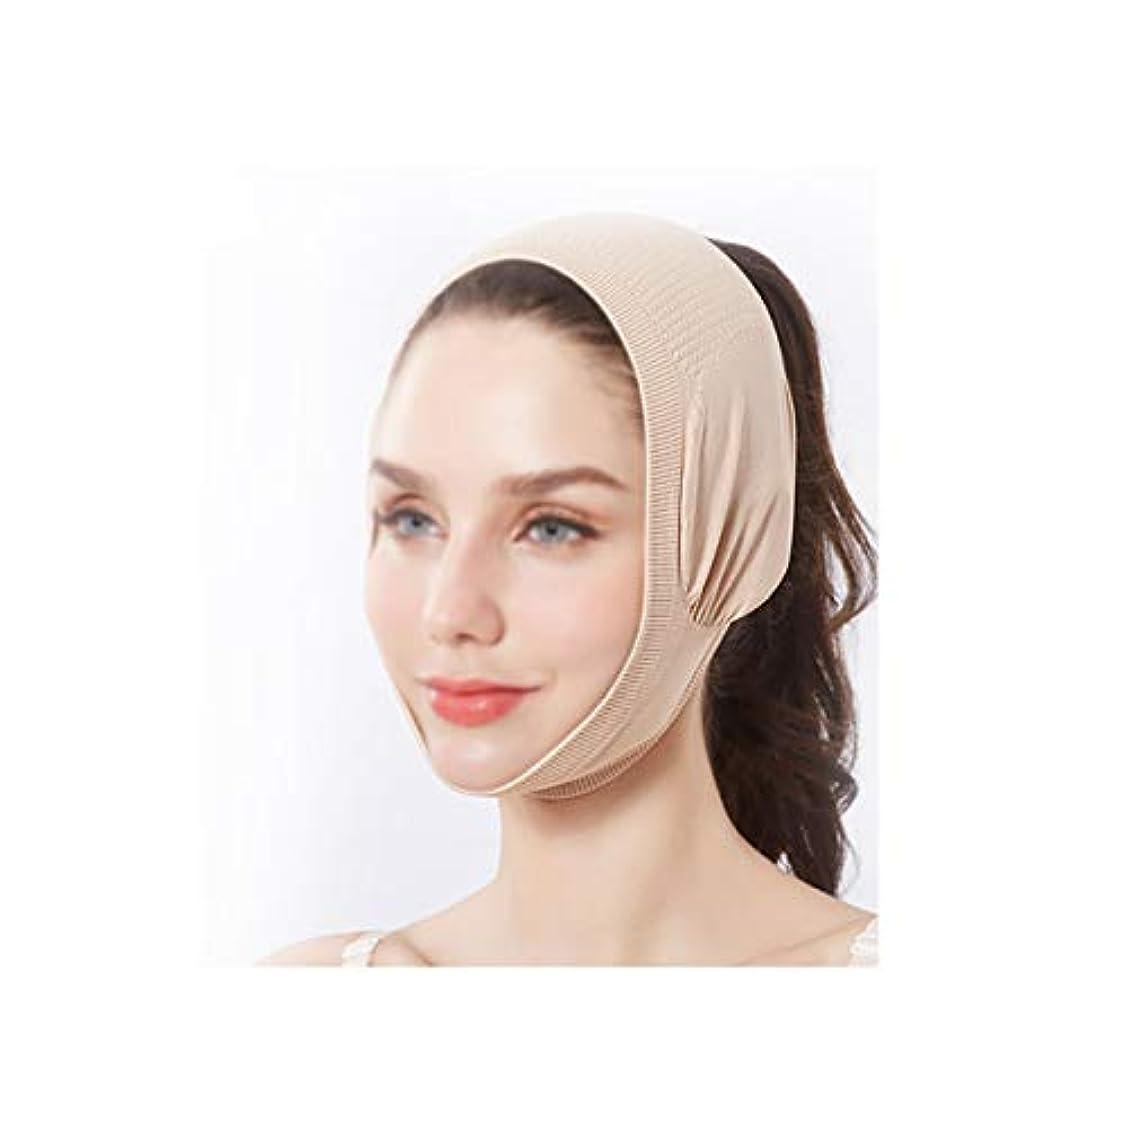 ベジタリアン巻き取り開いたフェイスリフトマスク、フェイスマスクエクステンション強度フェイスレス包帯バンデーションフェイスラージVラインカービングフェイスバックカバーネックストラップ (Color : Skin tone)